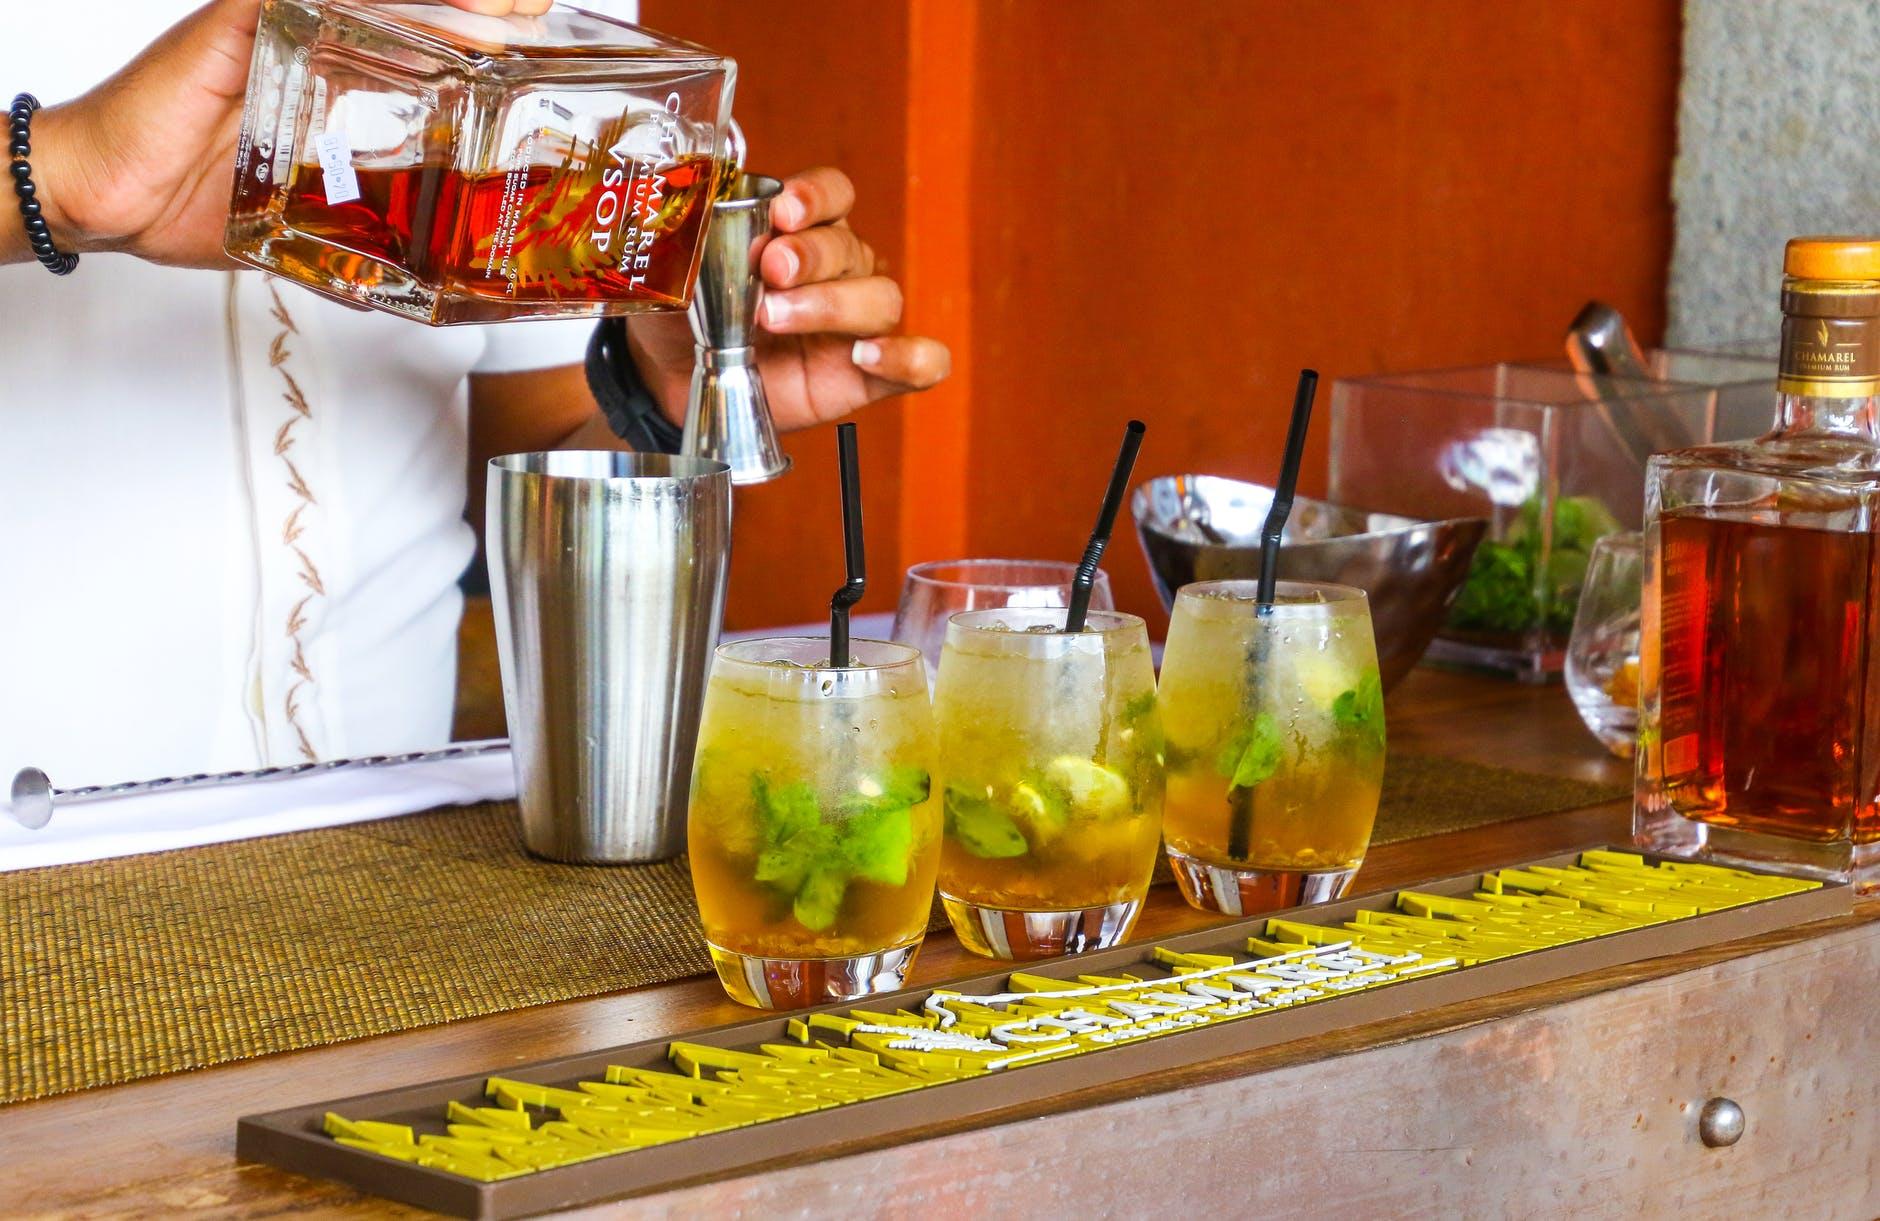 person preparing rum drink